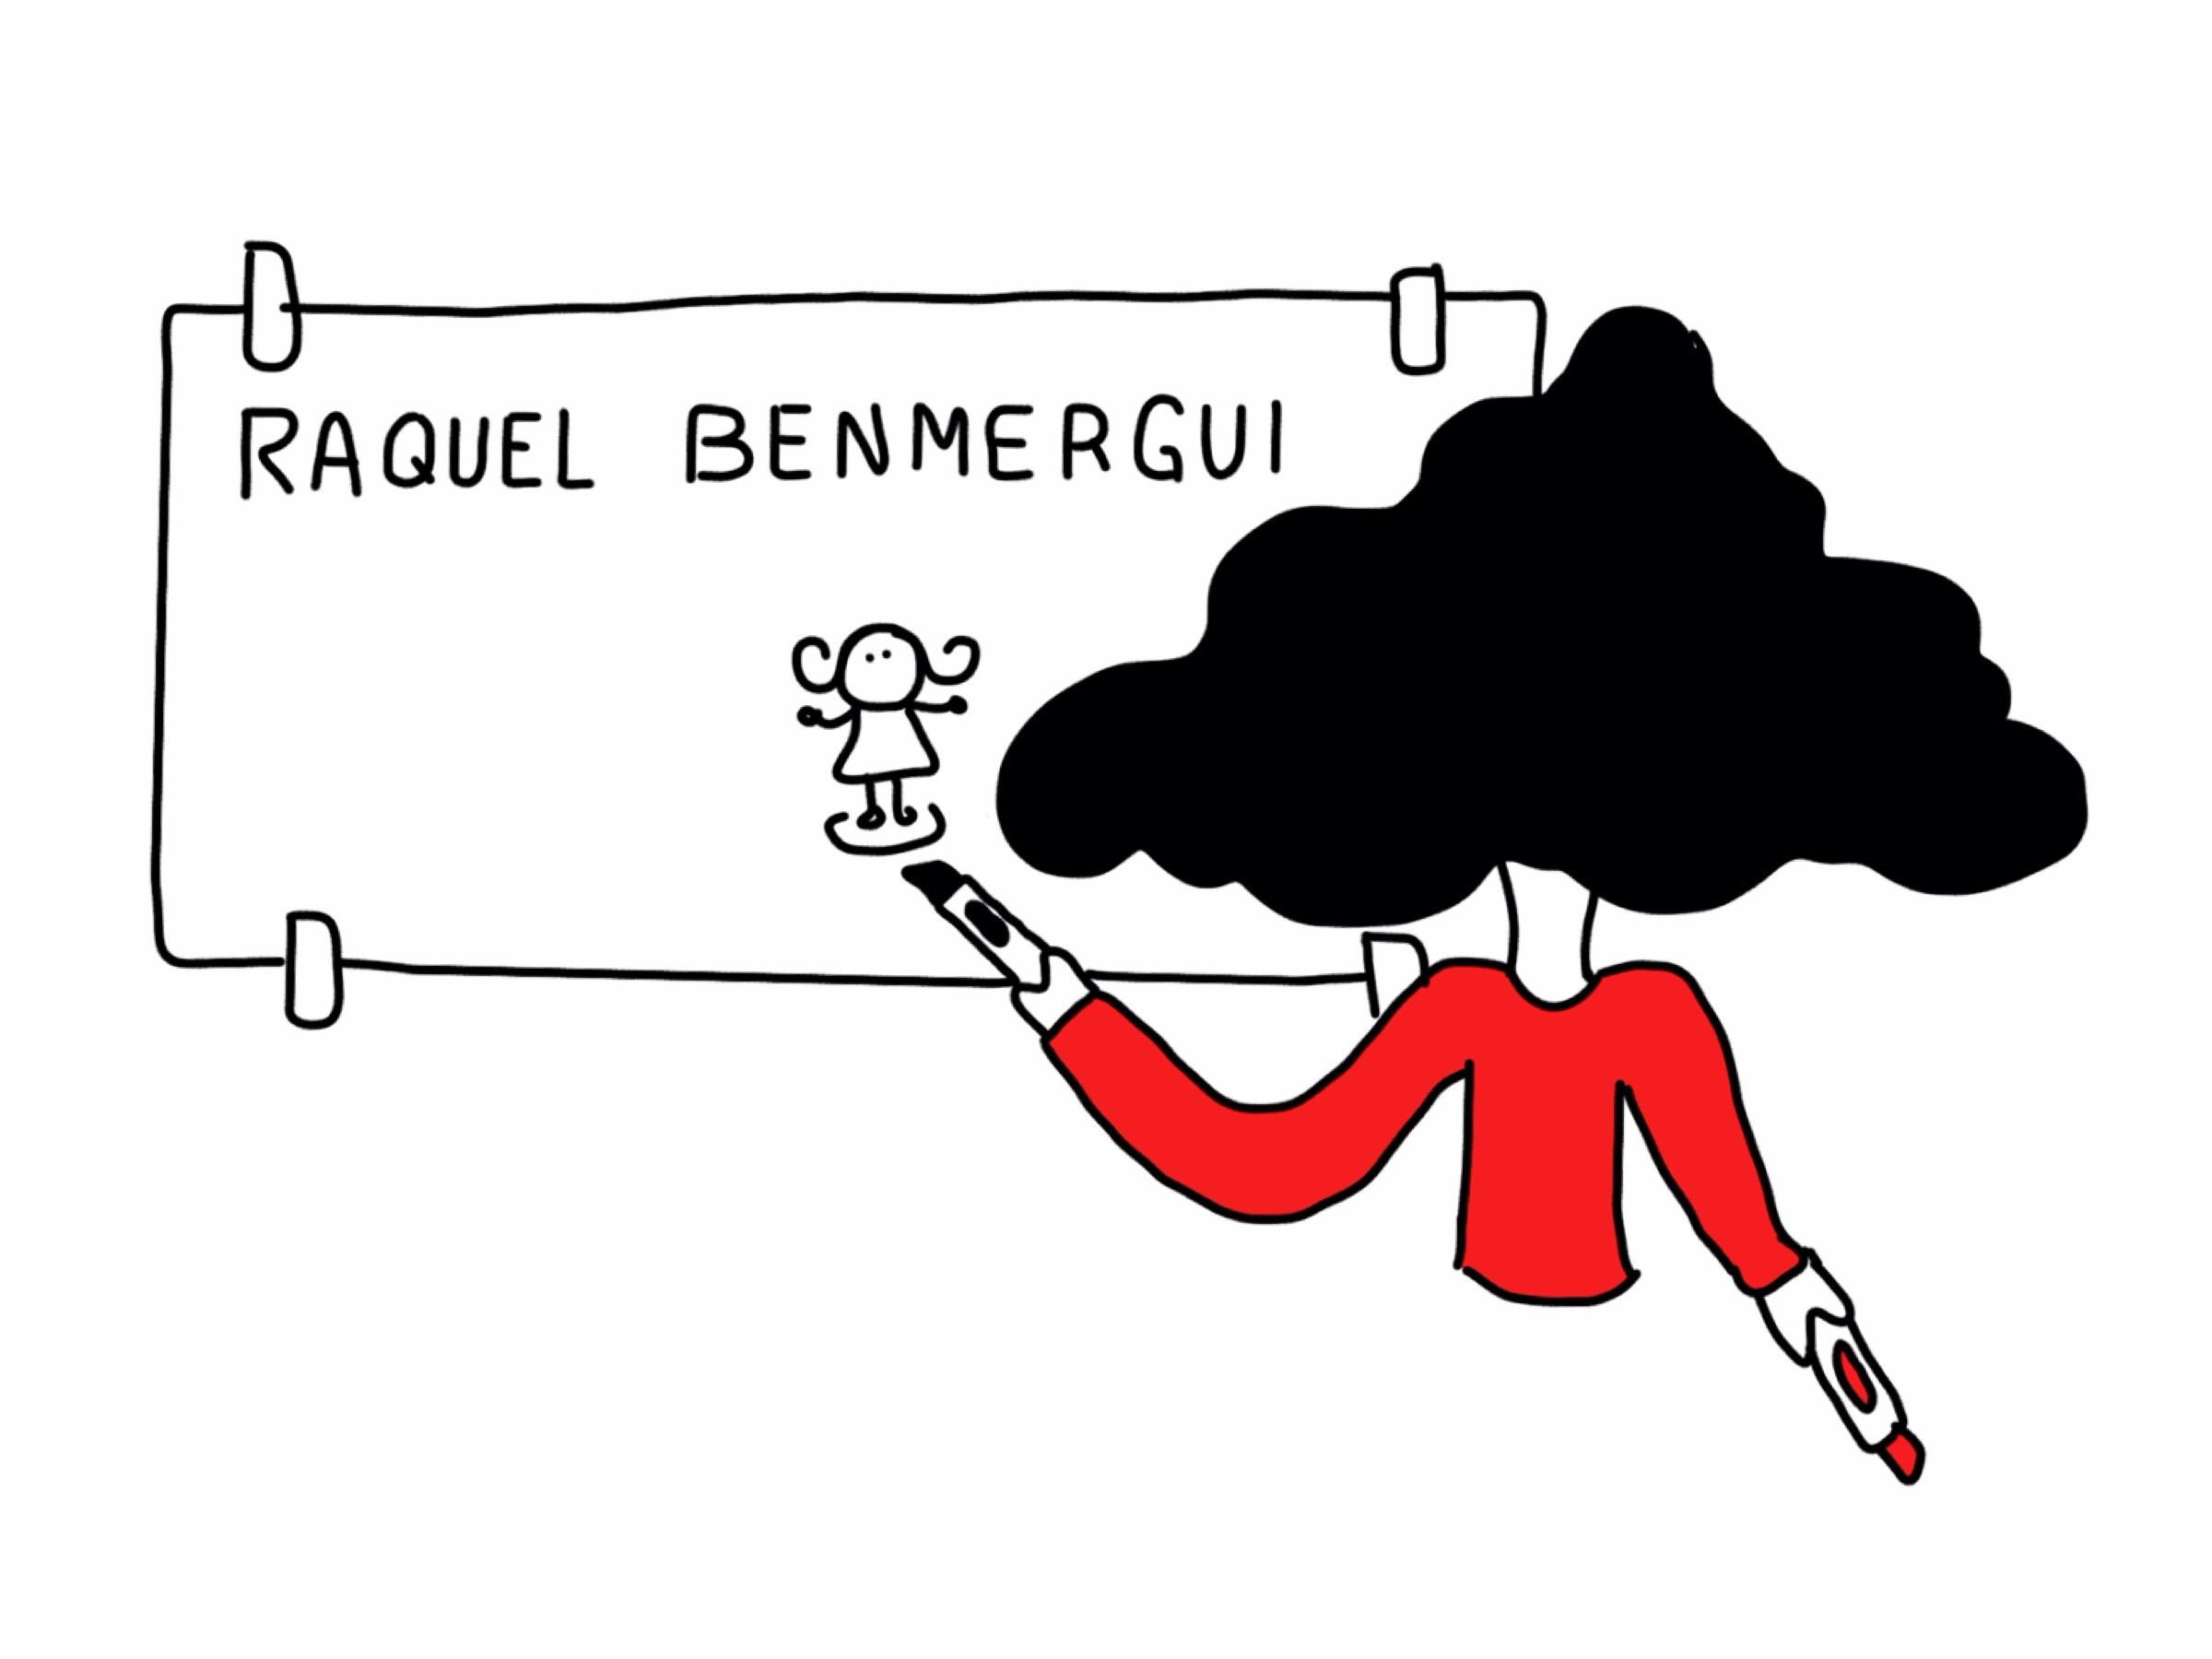 Raquel Benmergui